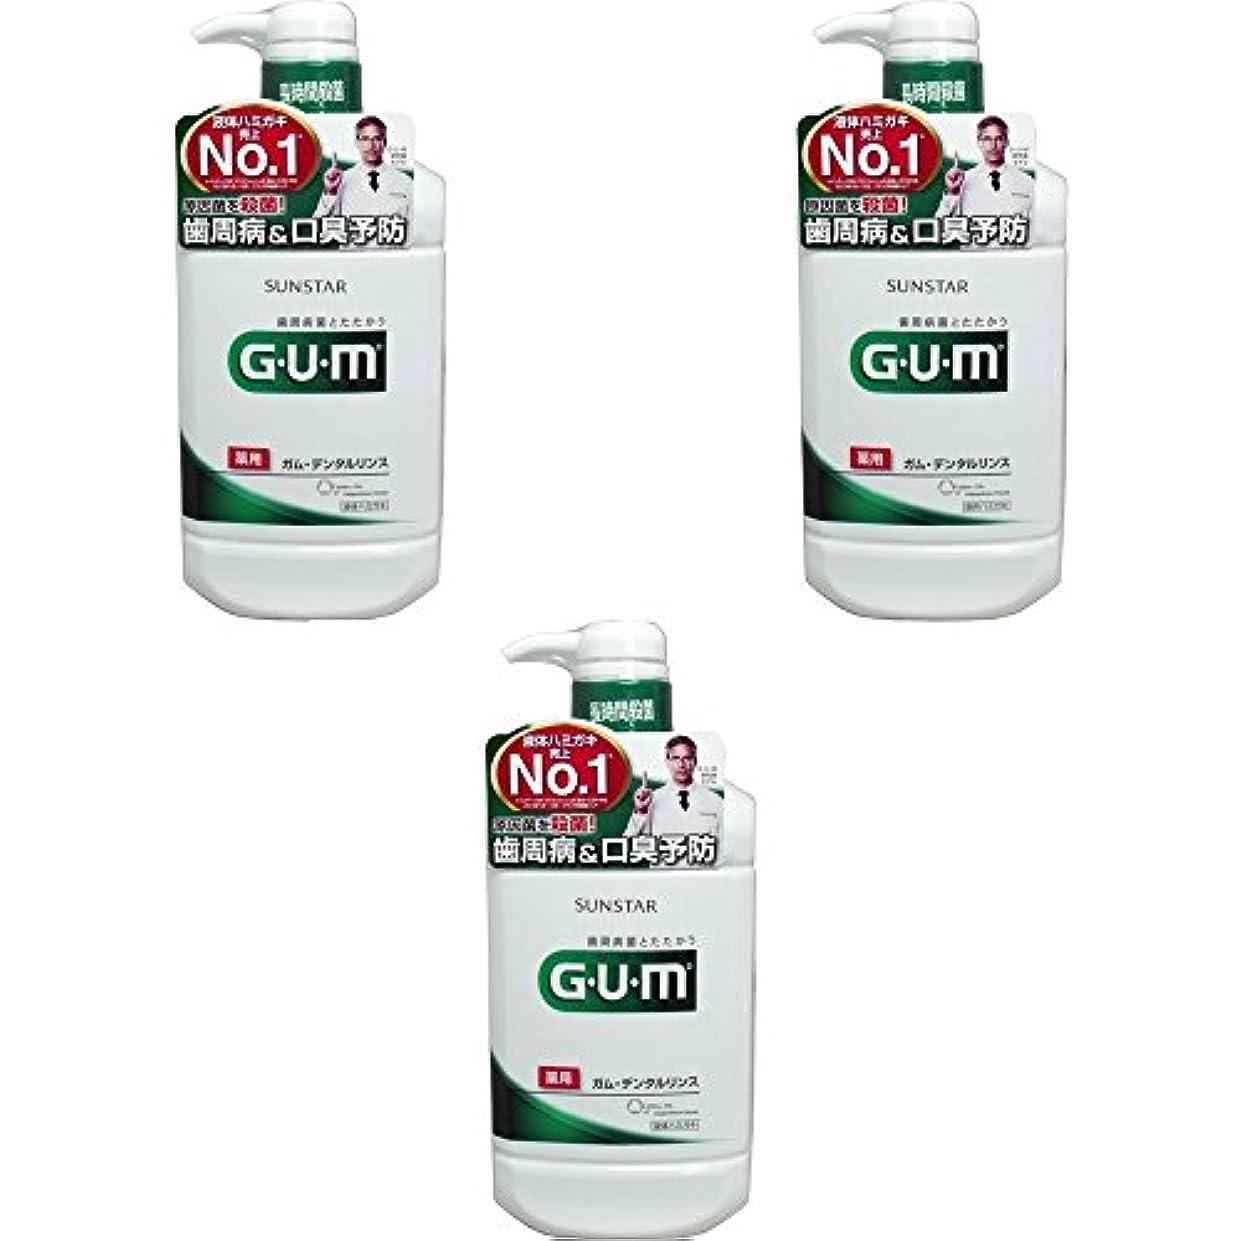 話す傾いたモジュール【セット品】GUM(ガム)?デンタルリンス (レギュラータイプ) 960mL (医薬部外品) 3個